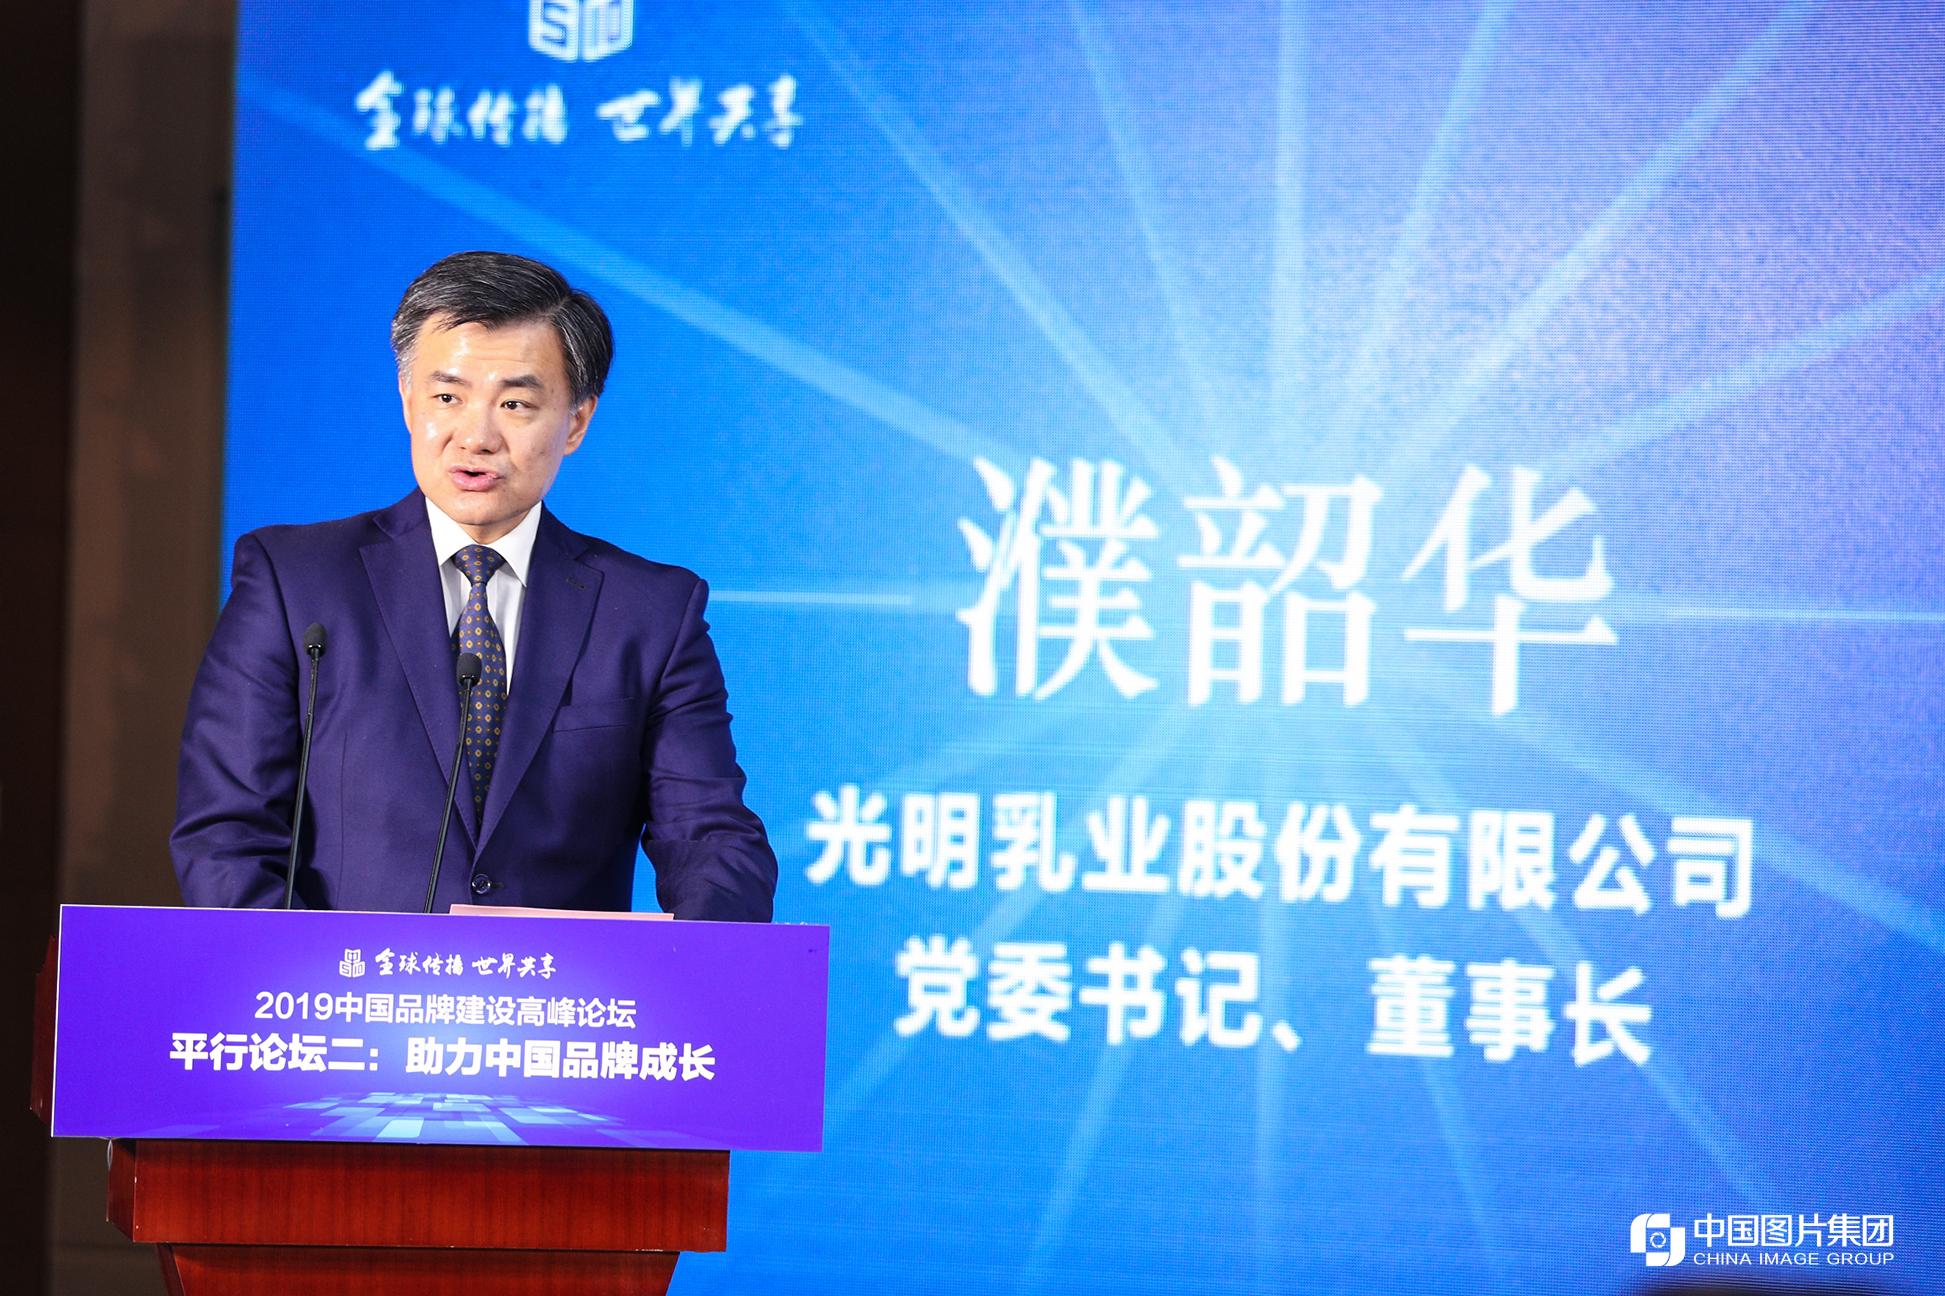 濮韶华:技术创新让品牌永葆青春活力